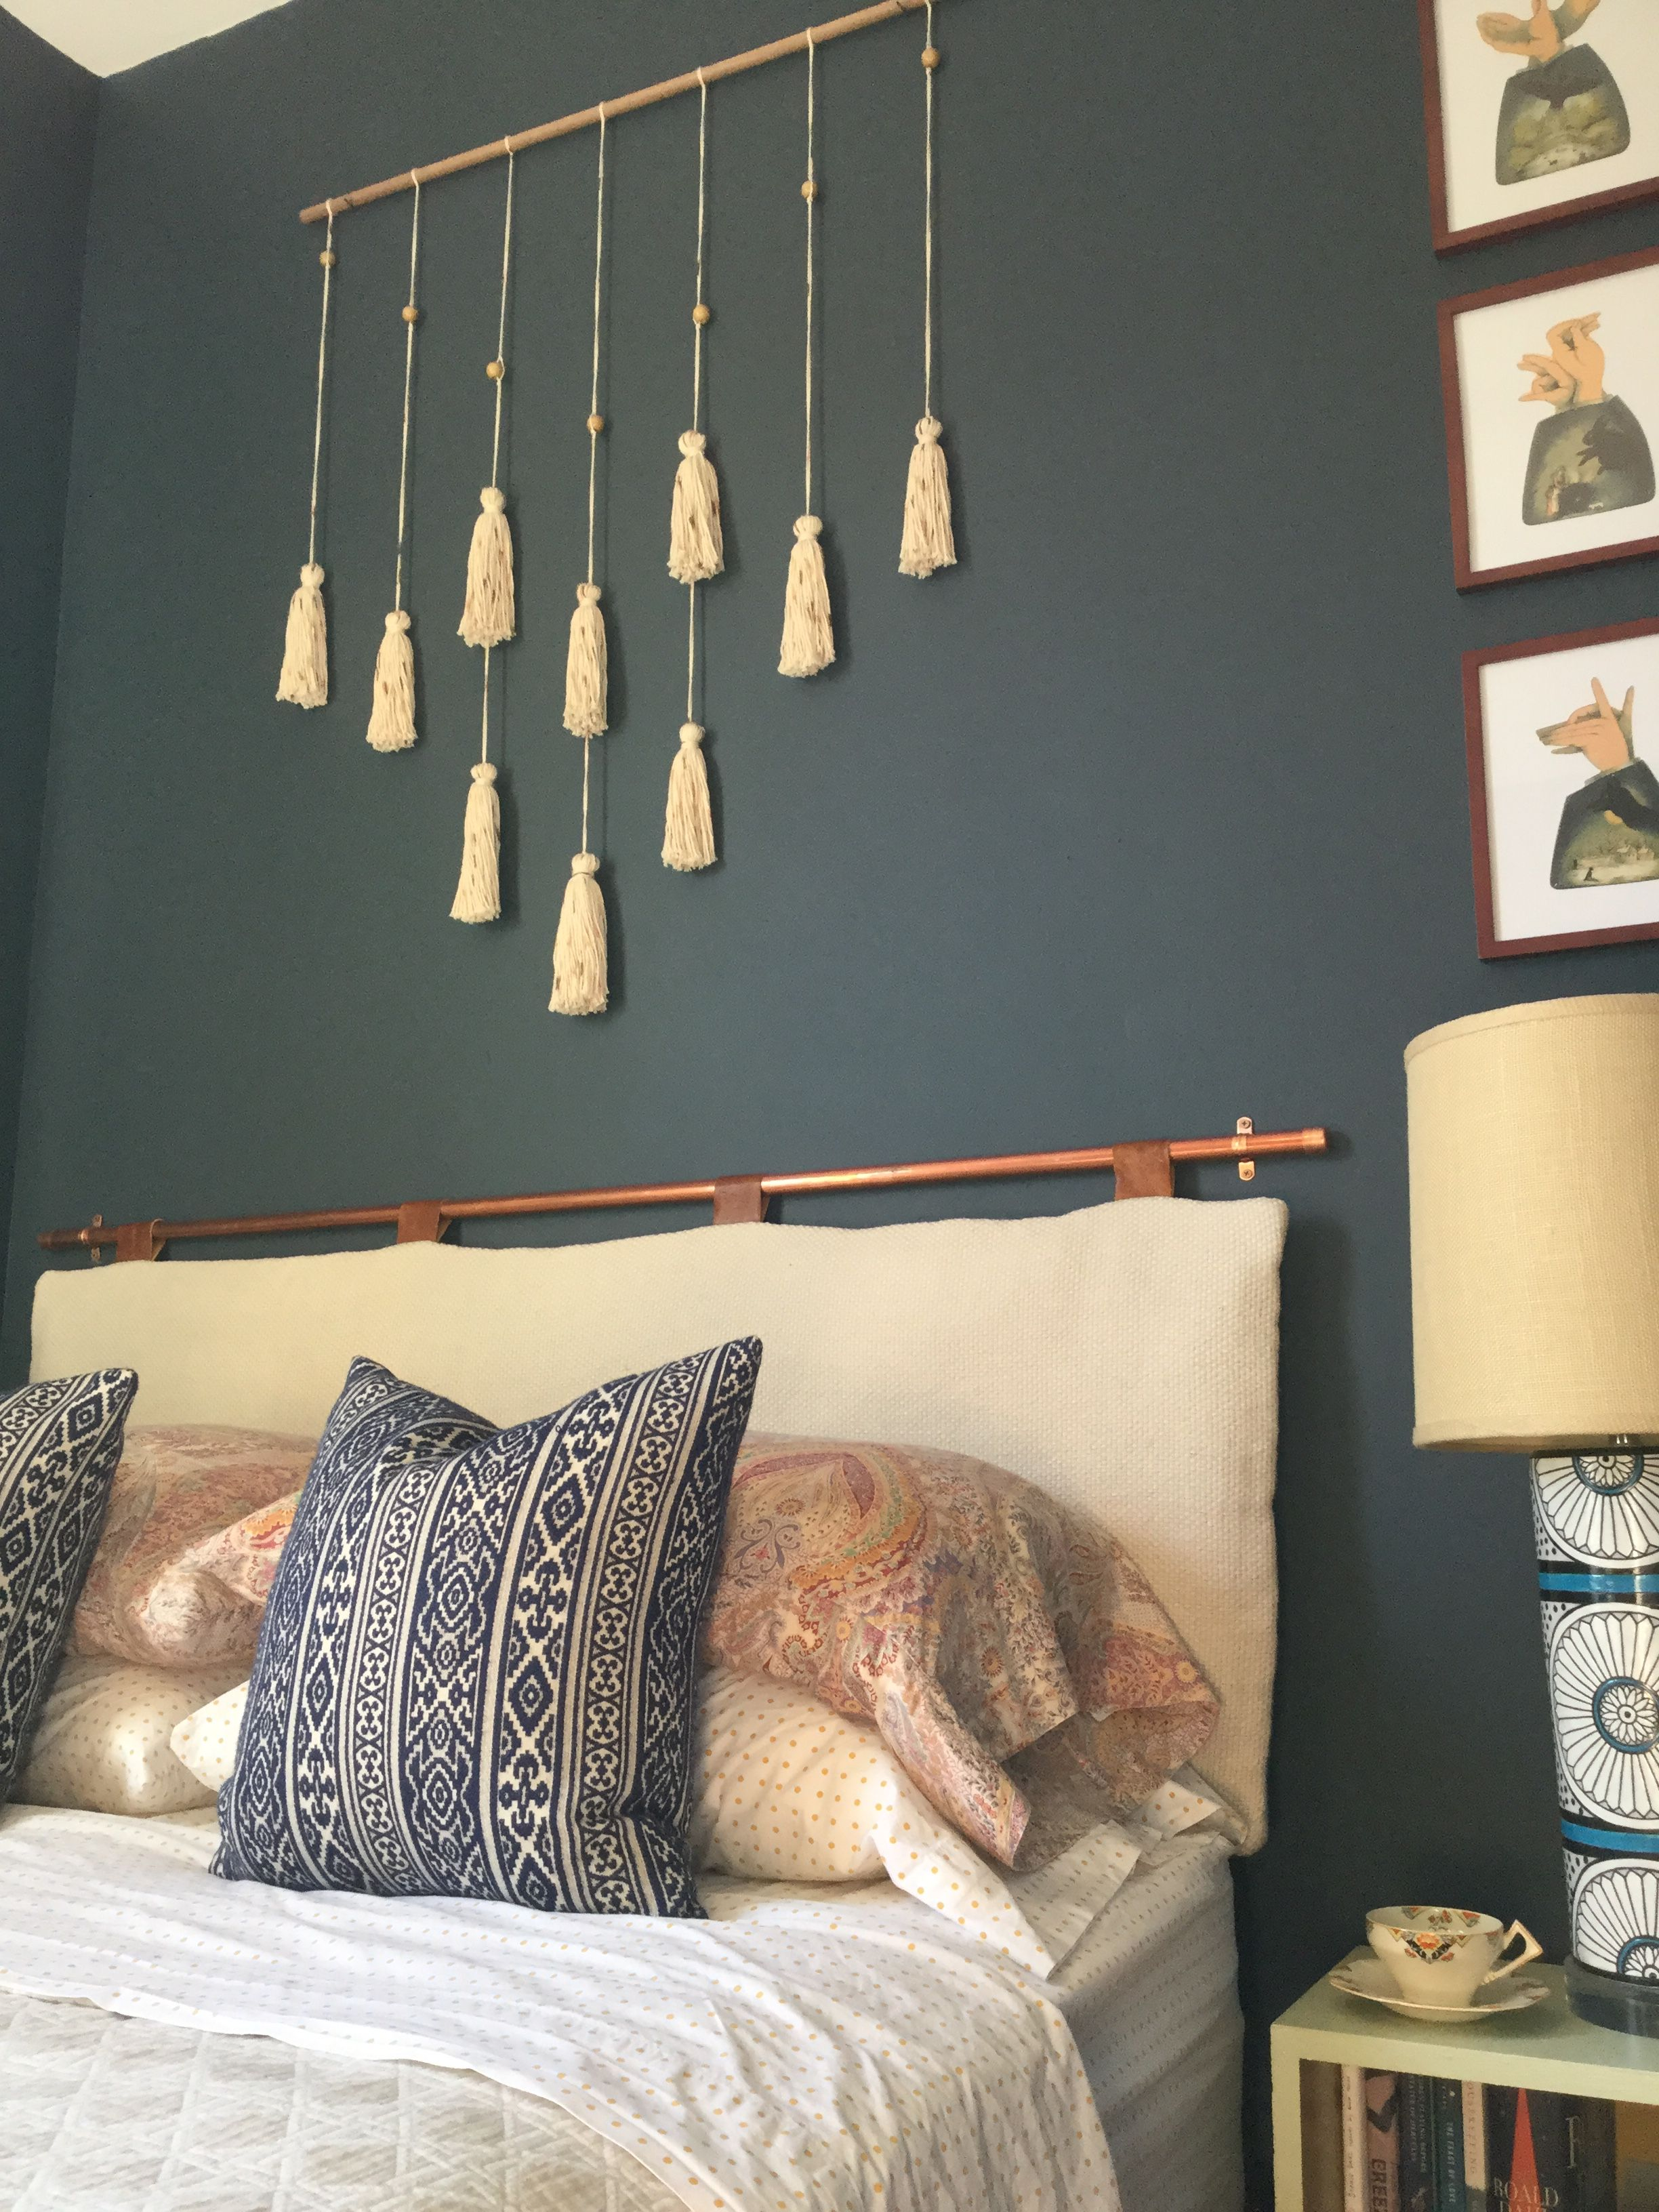 DIY headboard with copper pipe Sarah montgomerycom DIY